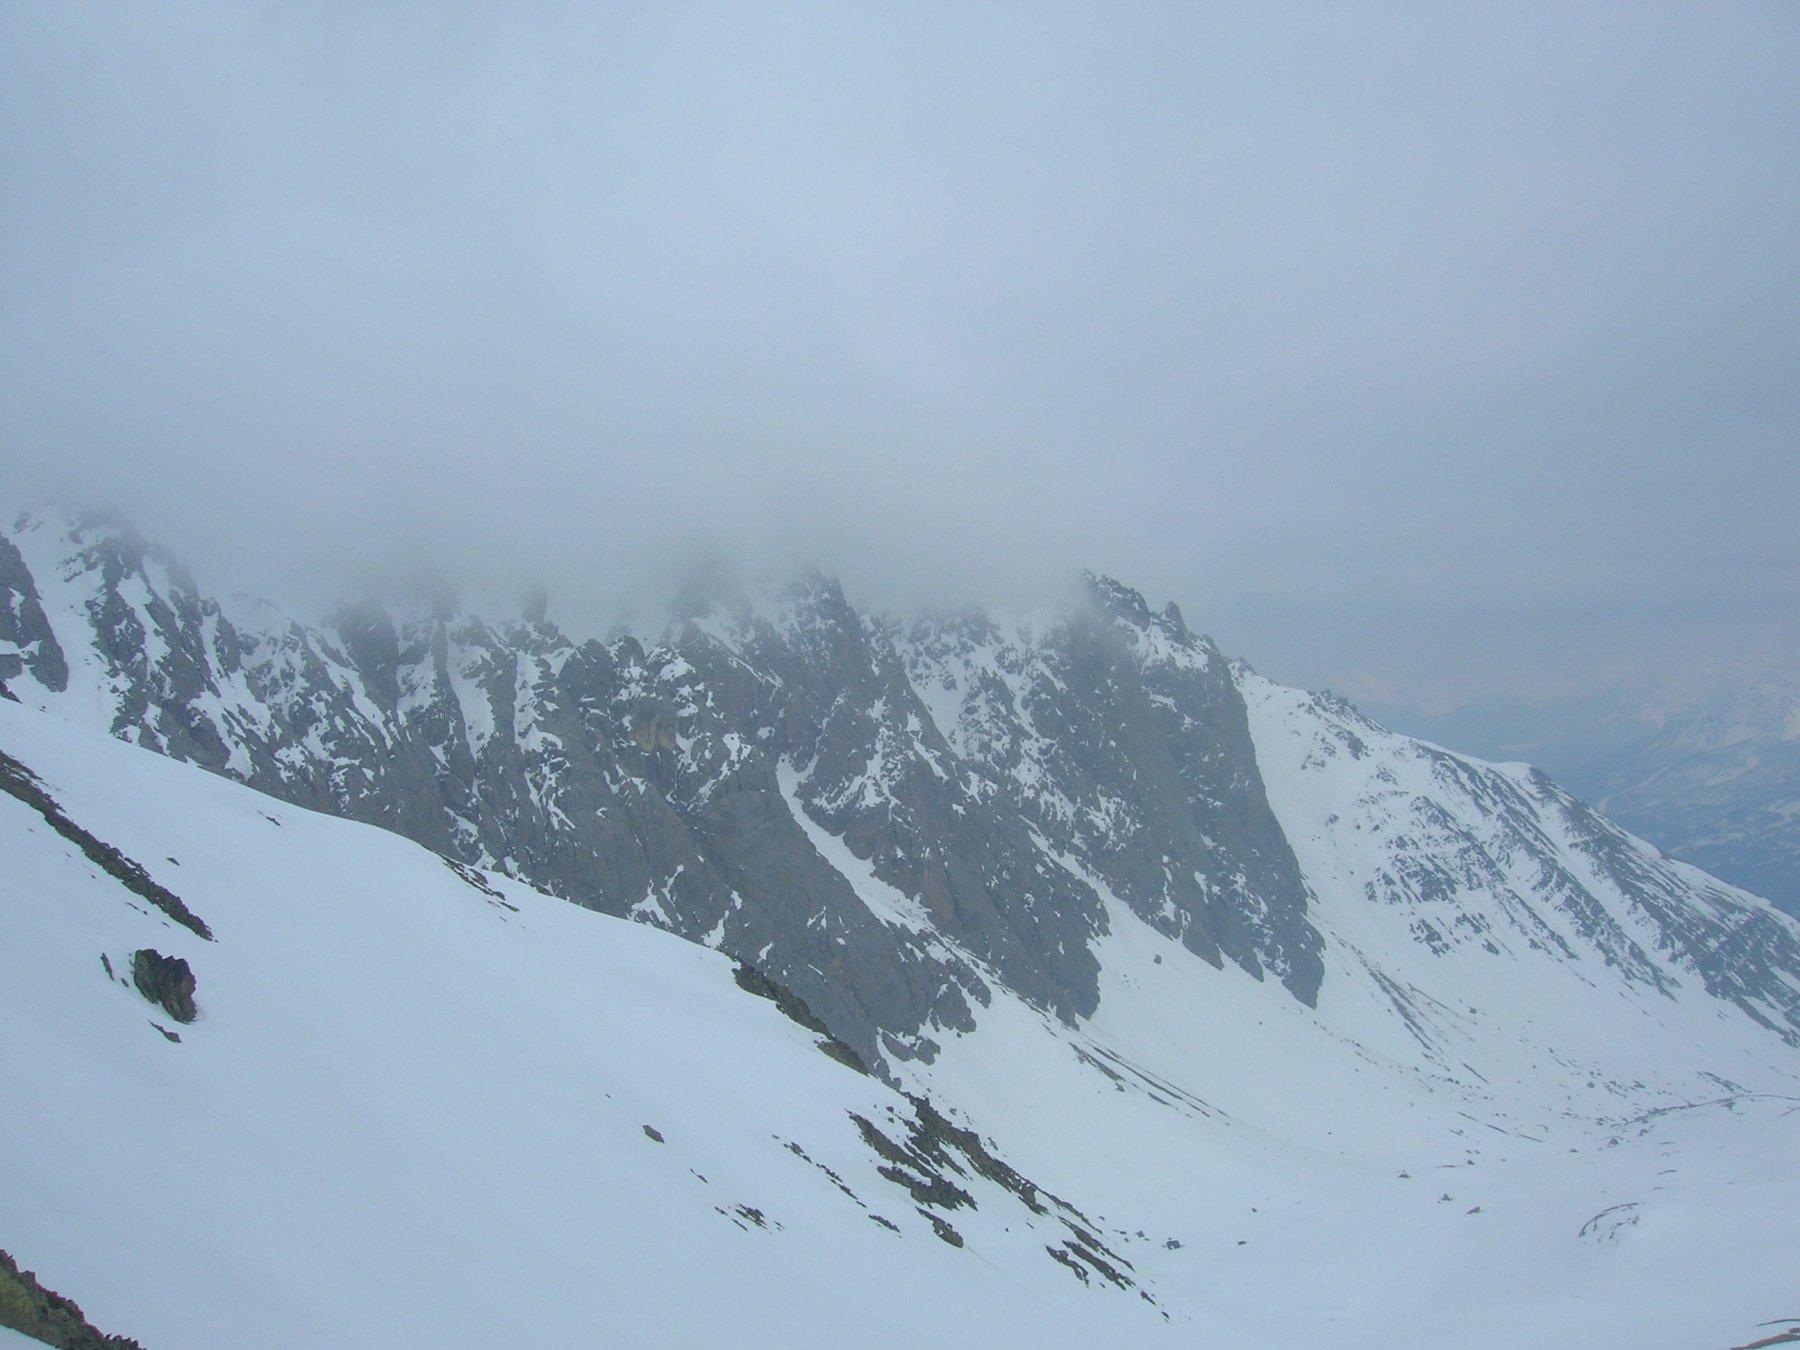 Le condizioni della cresta Tete Noire-Rocher Privè oggi: sullo sfondo i pendii ovest della Tete Noire, poi le due Tours de la Moulette, quindi la parete nord-ovest e da ultimo il canale di discesa dal Rocher Privè